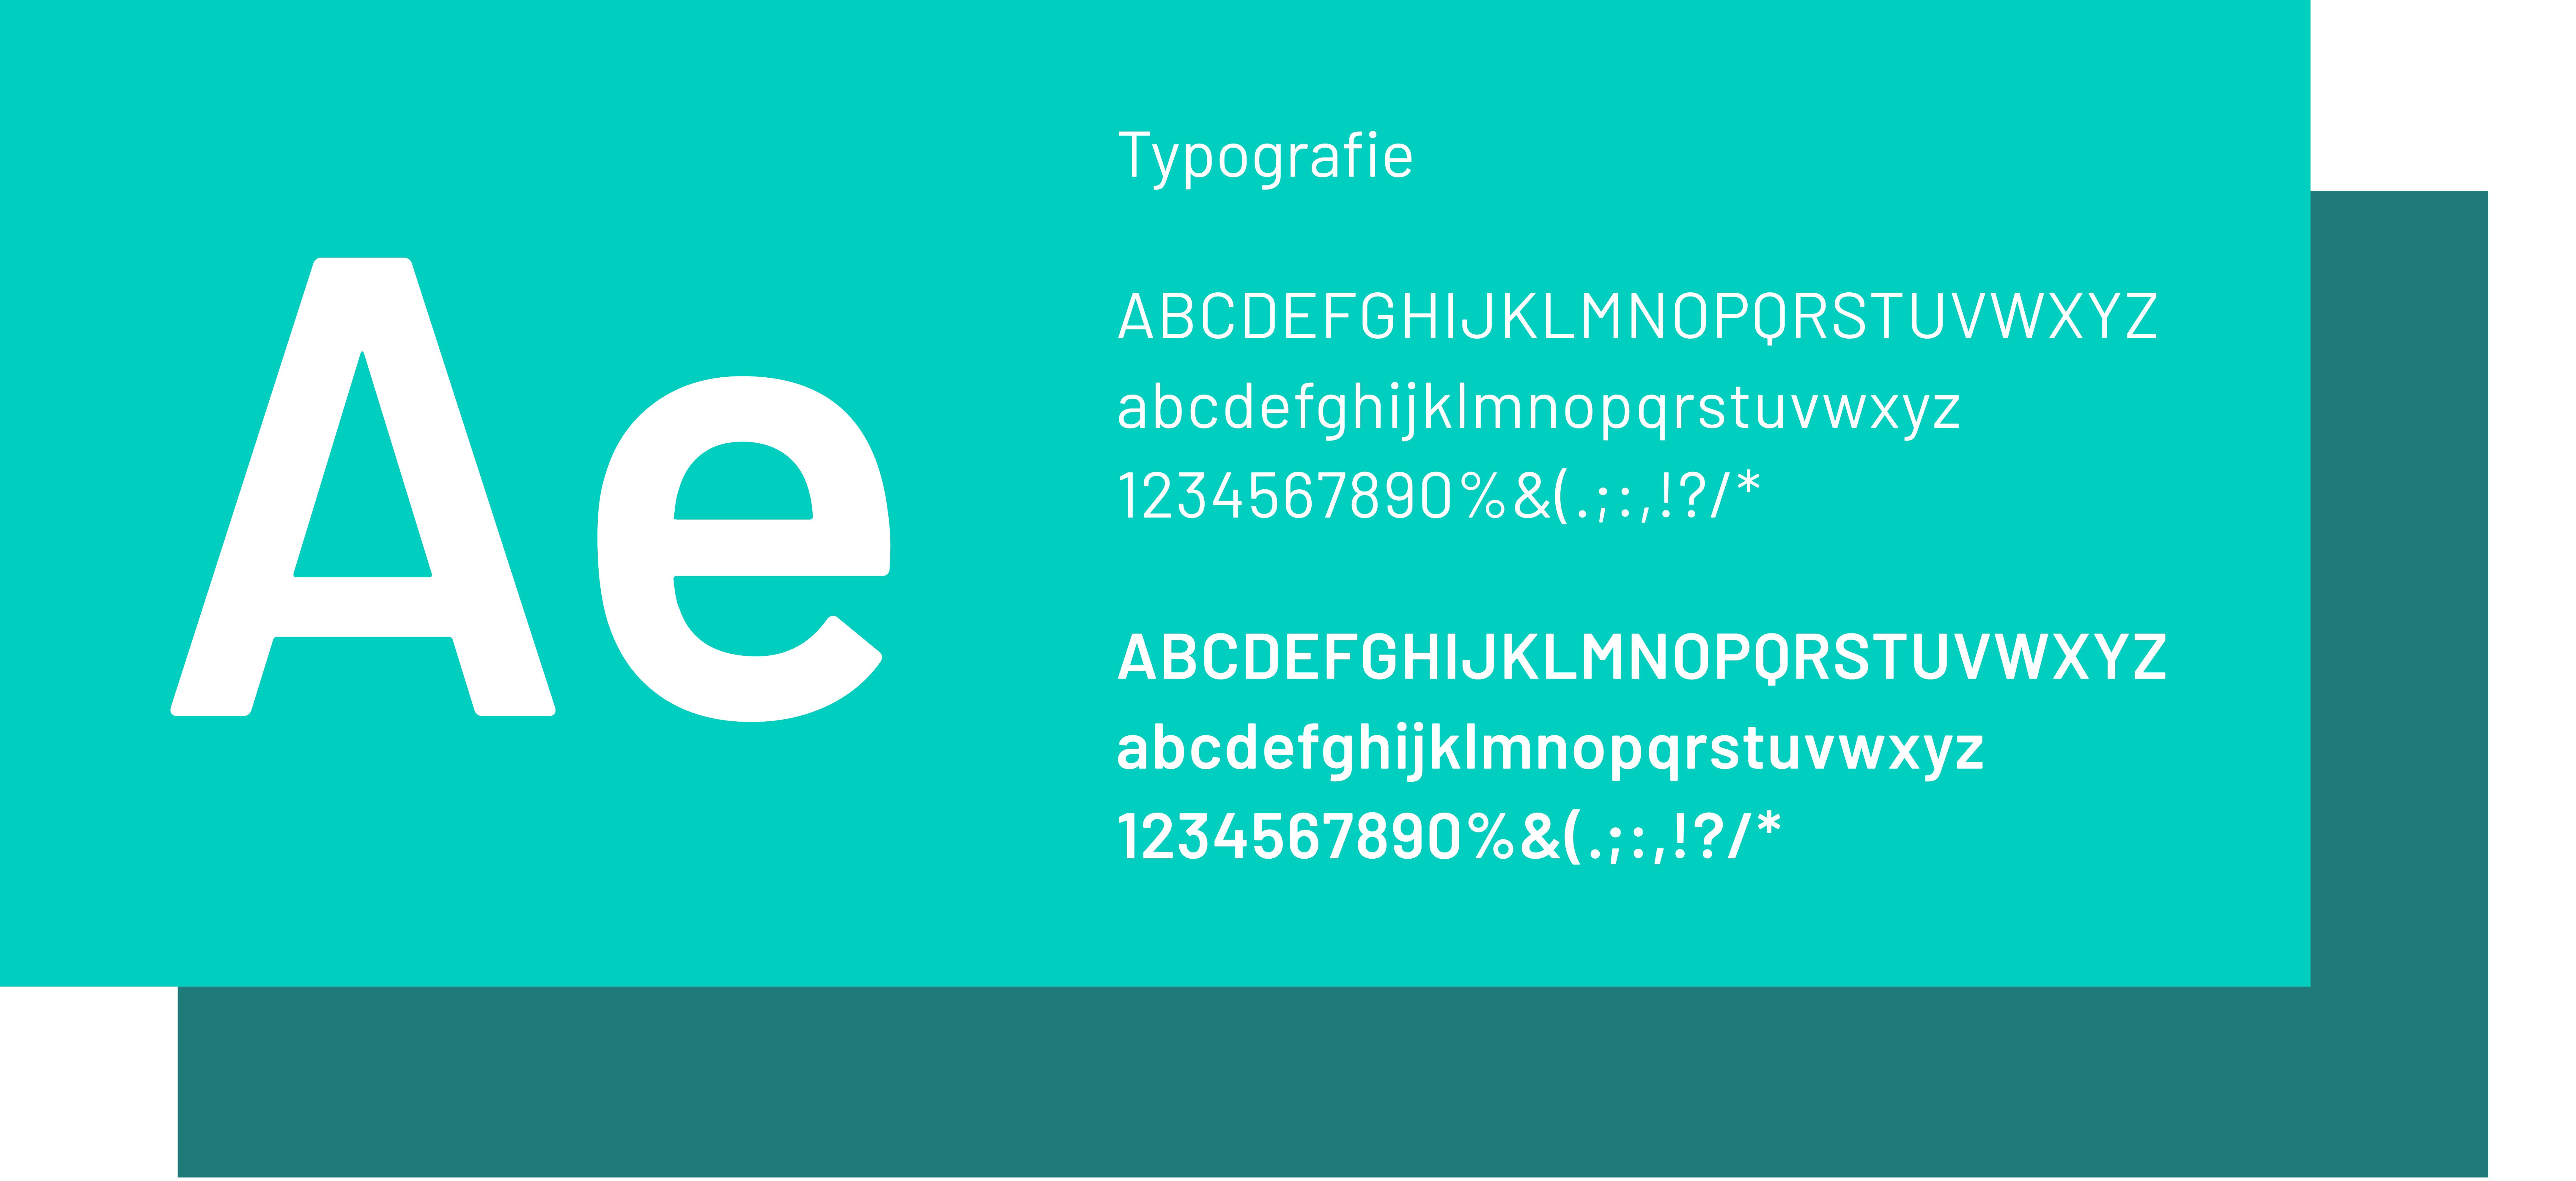 Typo_cb_isabelhuberdesign